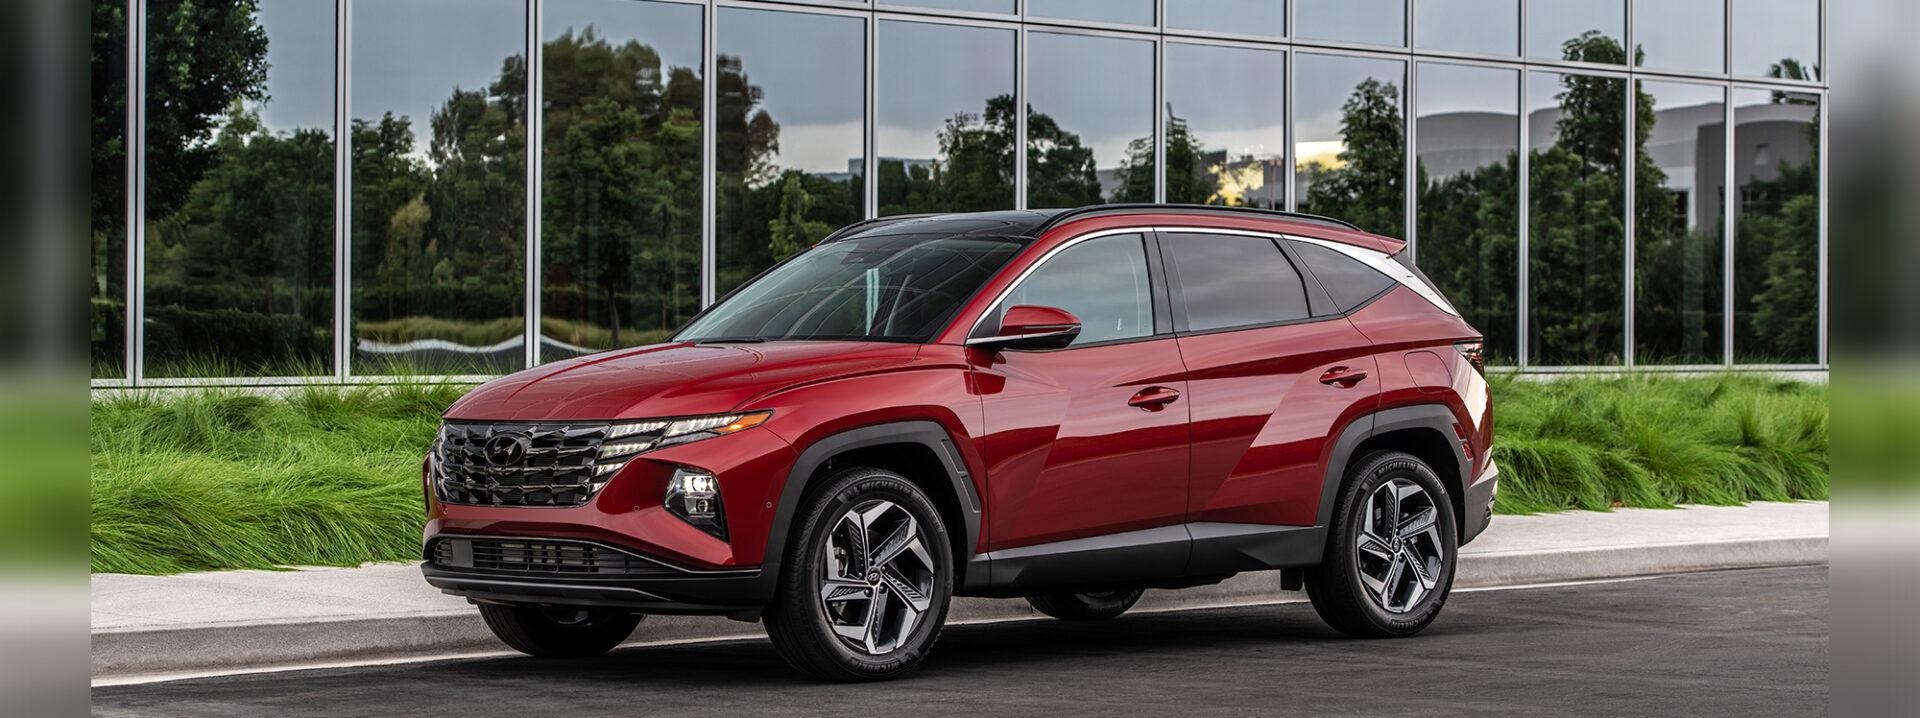 Hyundai y Disney se unen para promocionar el Tucson 2022